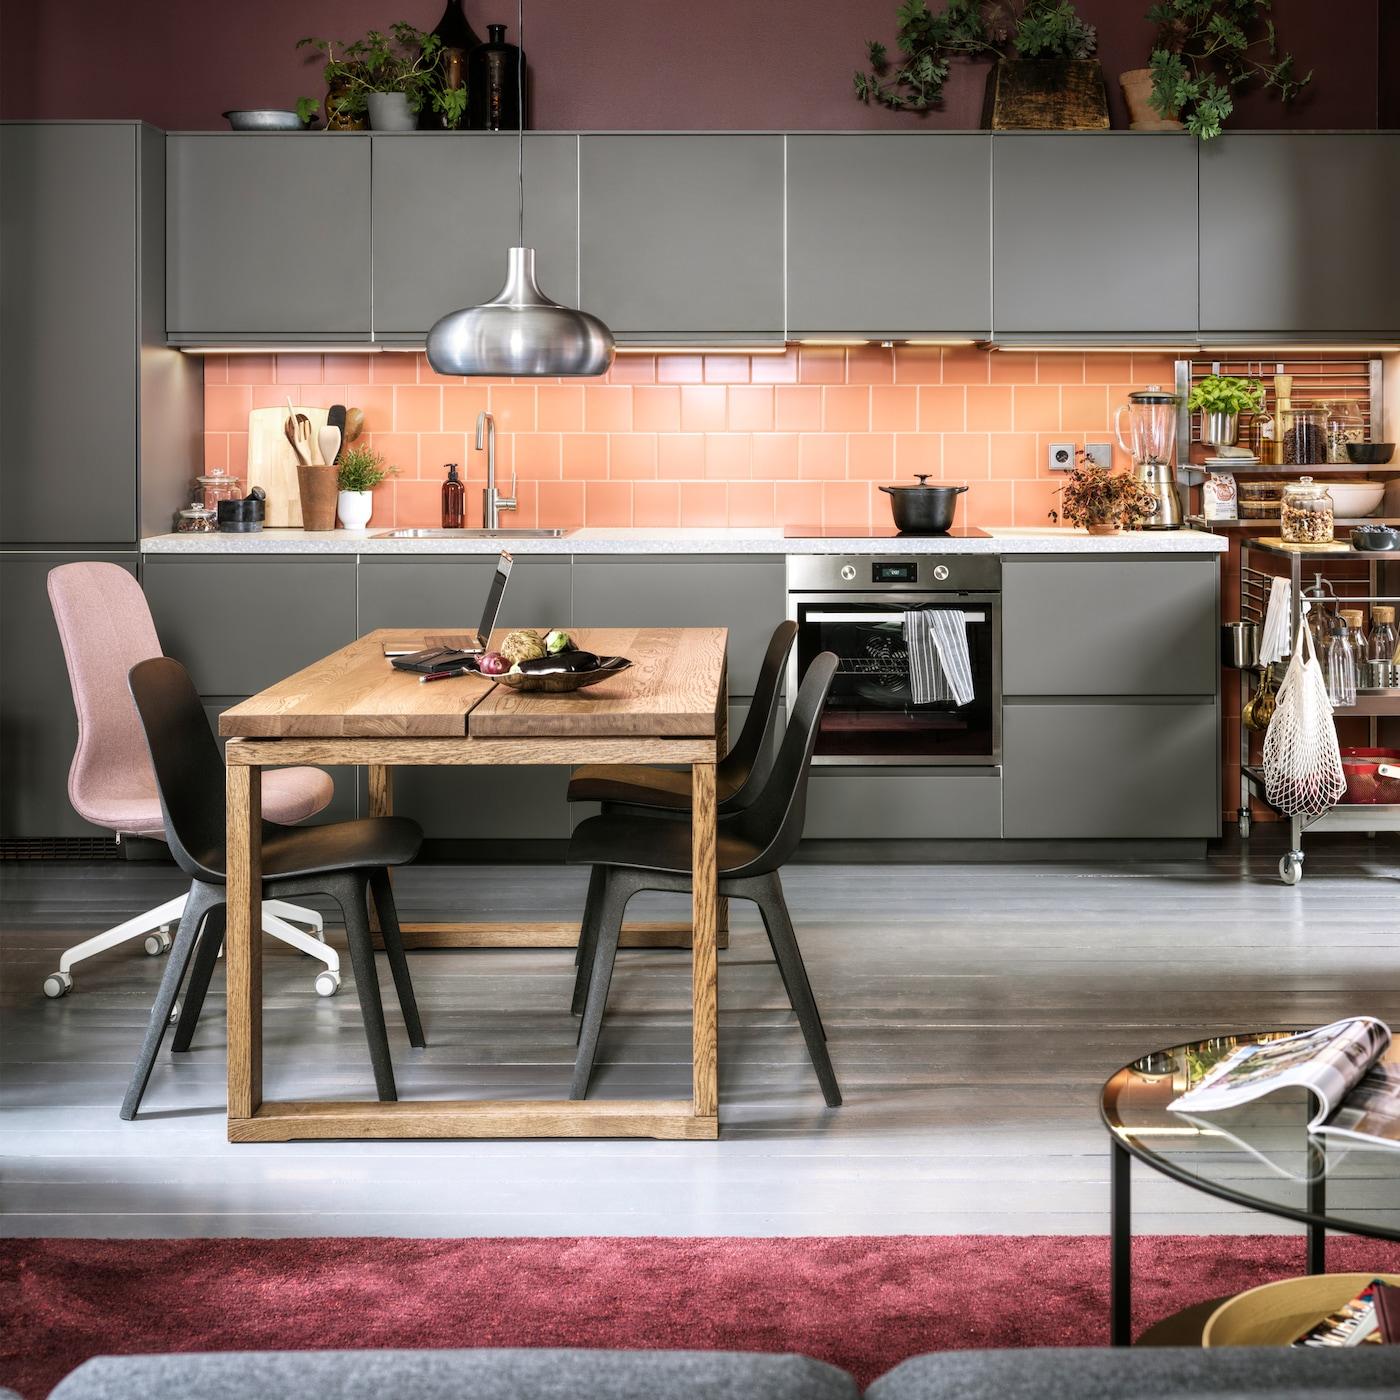 Кухня, выложенная розовой плиткой, темно-серые фронтальные панели, антрацитовые стулья, обеденный стол из дубового шпона и подвесной светильник ВЭКШЁ.